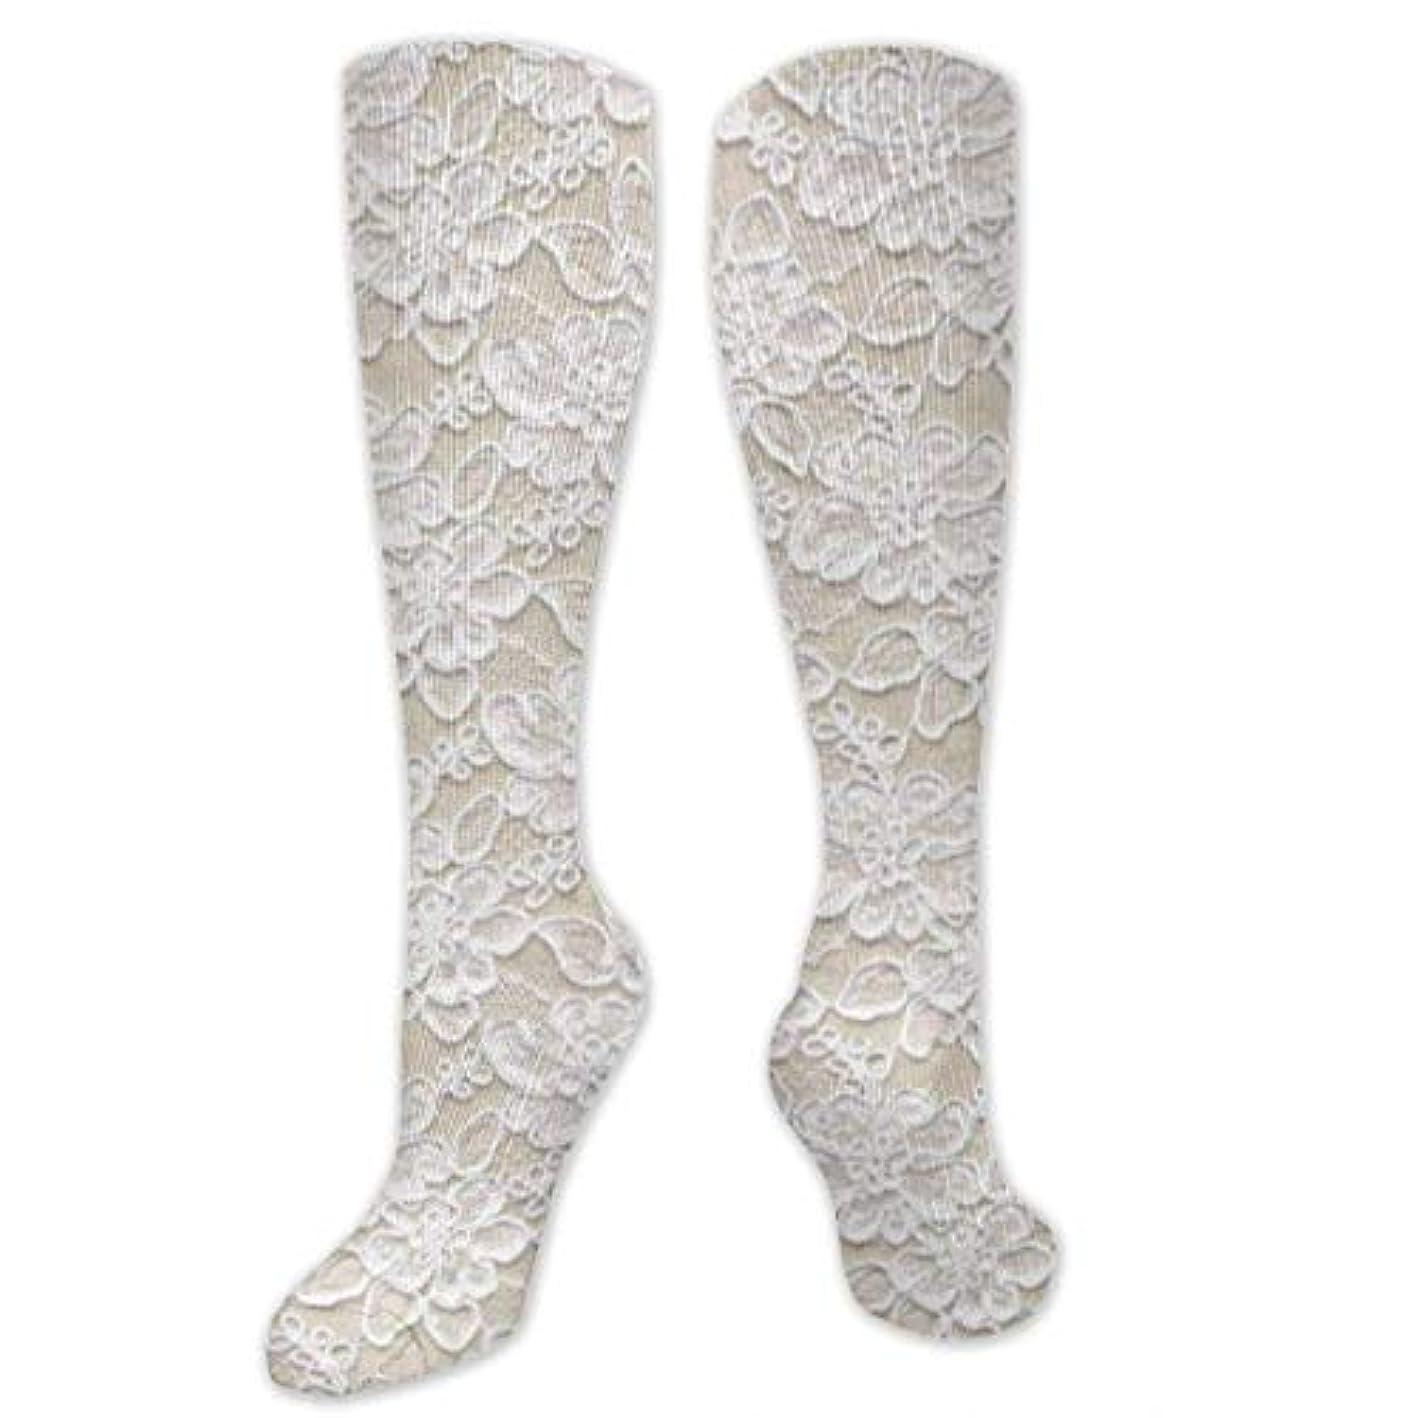 歯車甘くする中国靴下,ストッキング,野生のジョーカー,実際,秋の本質,冬必須,サマーウェア&RBXAA European-Style Decorative (5) Socks Women's Winter Cotton Long Tube...